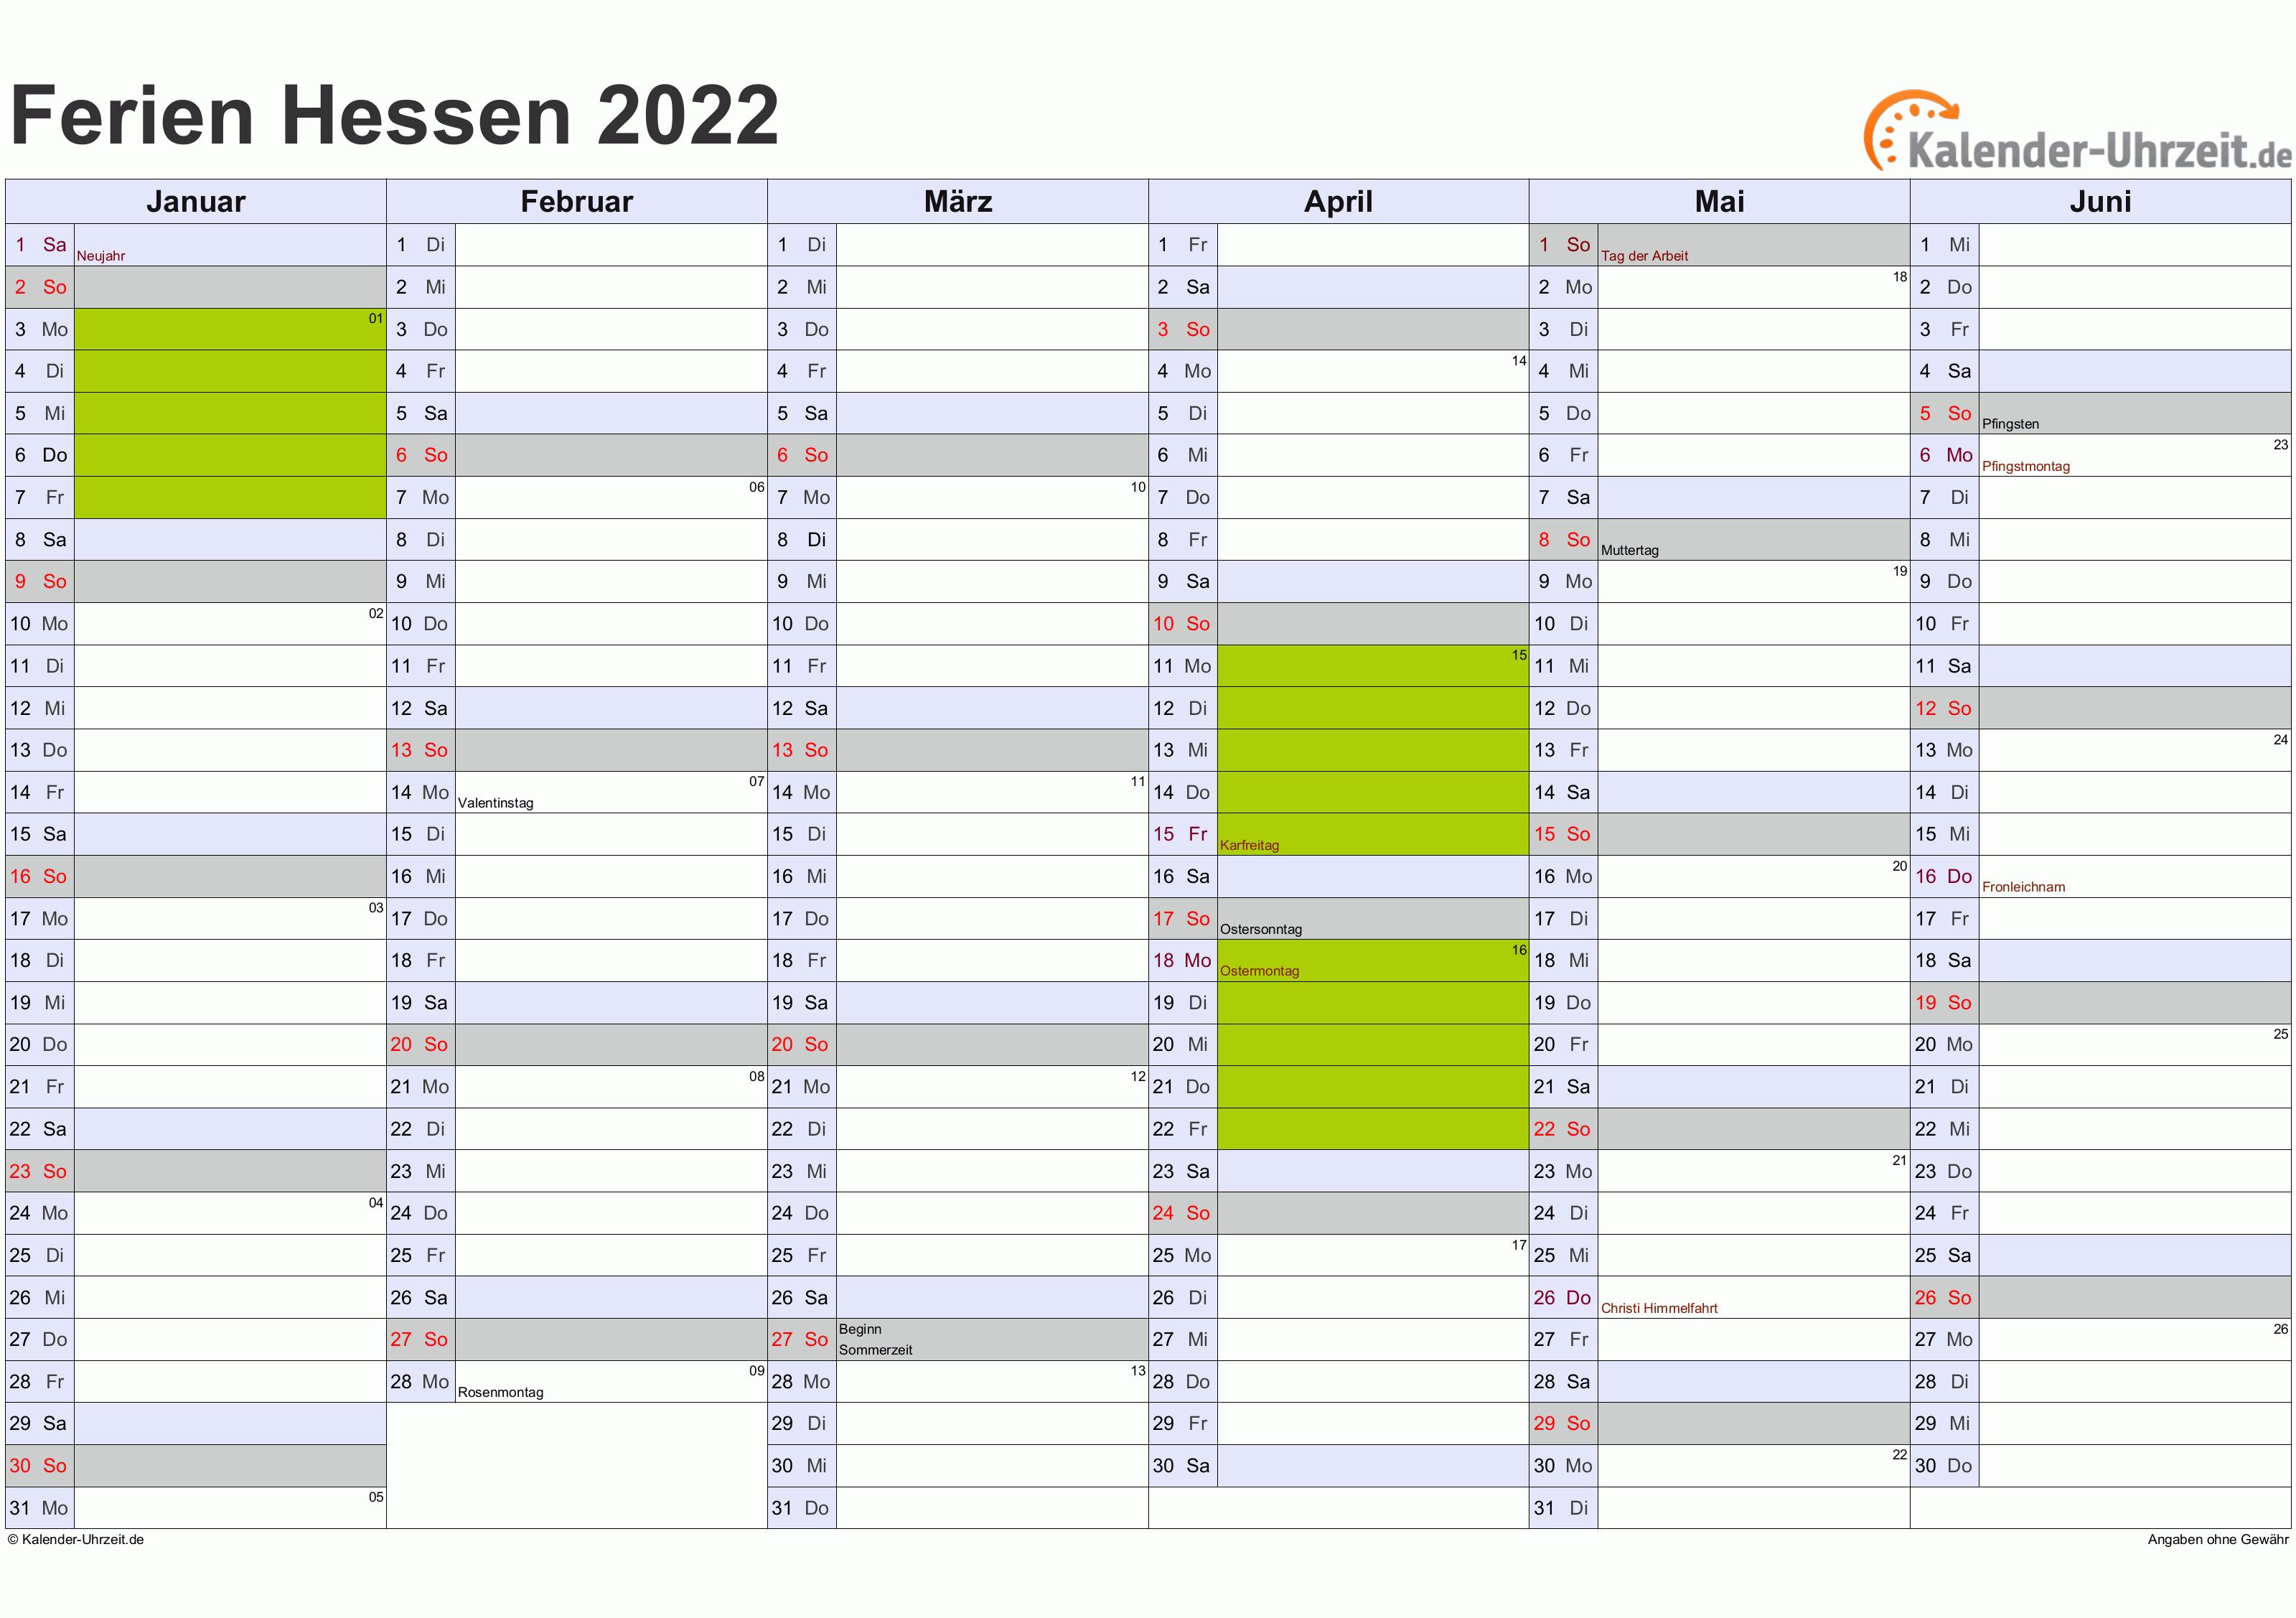 Ferien Hessen 2022 - Ferienkalender zum Ausdrucken